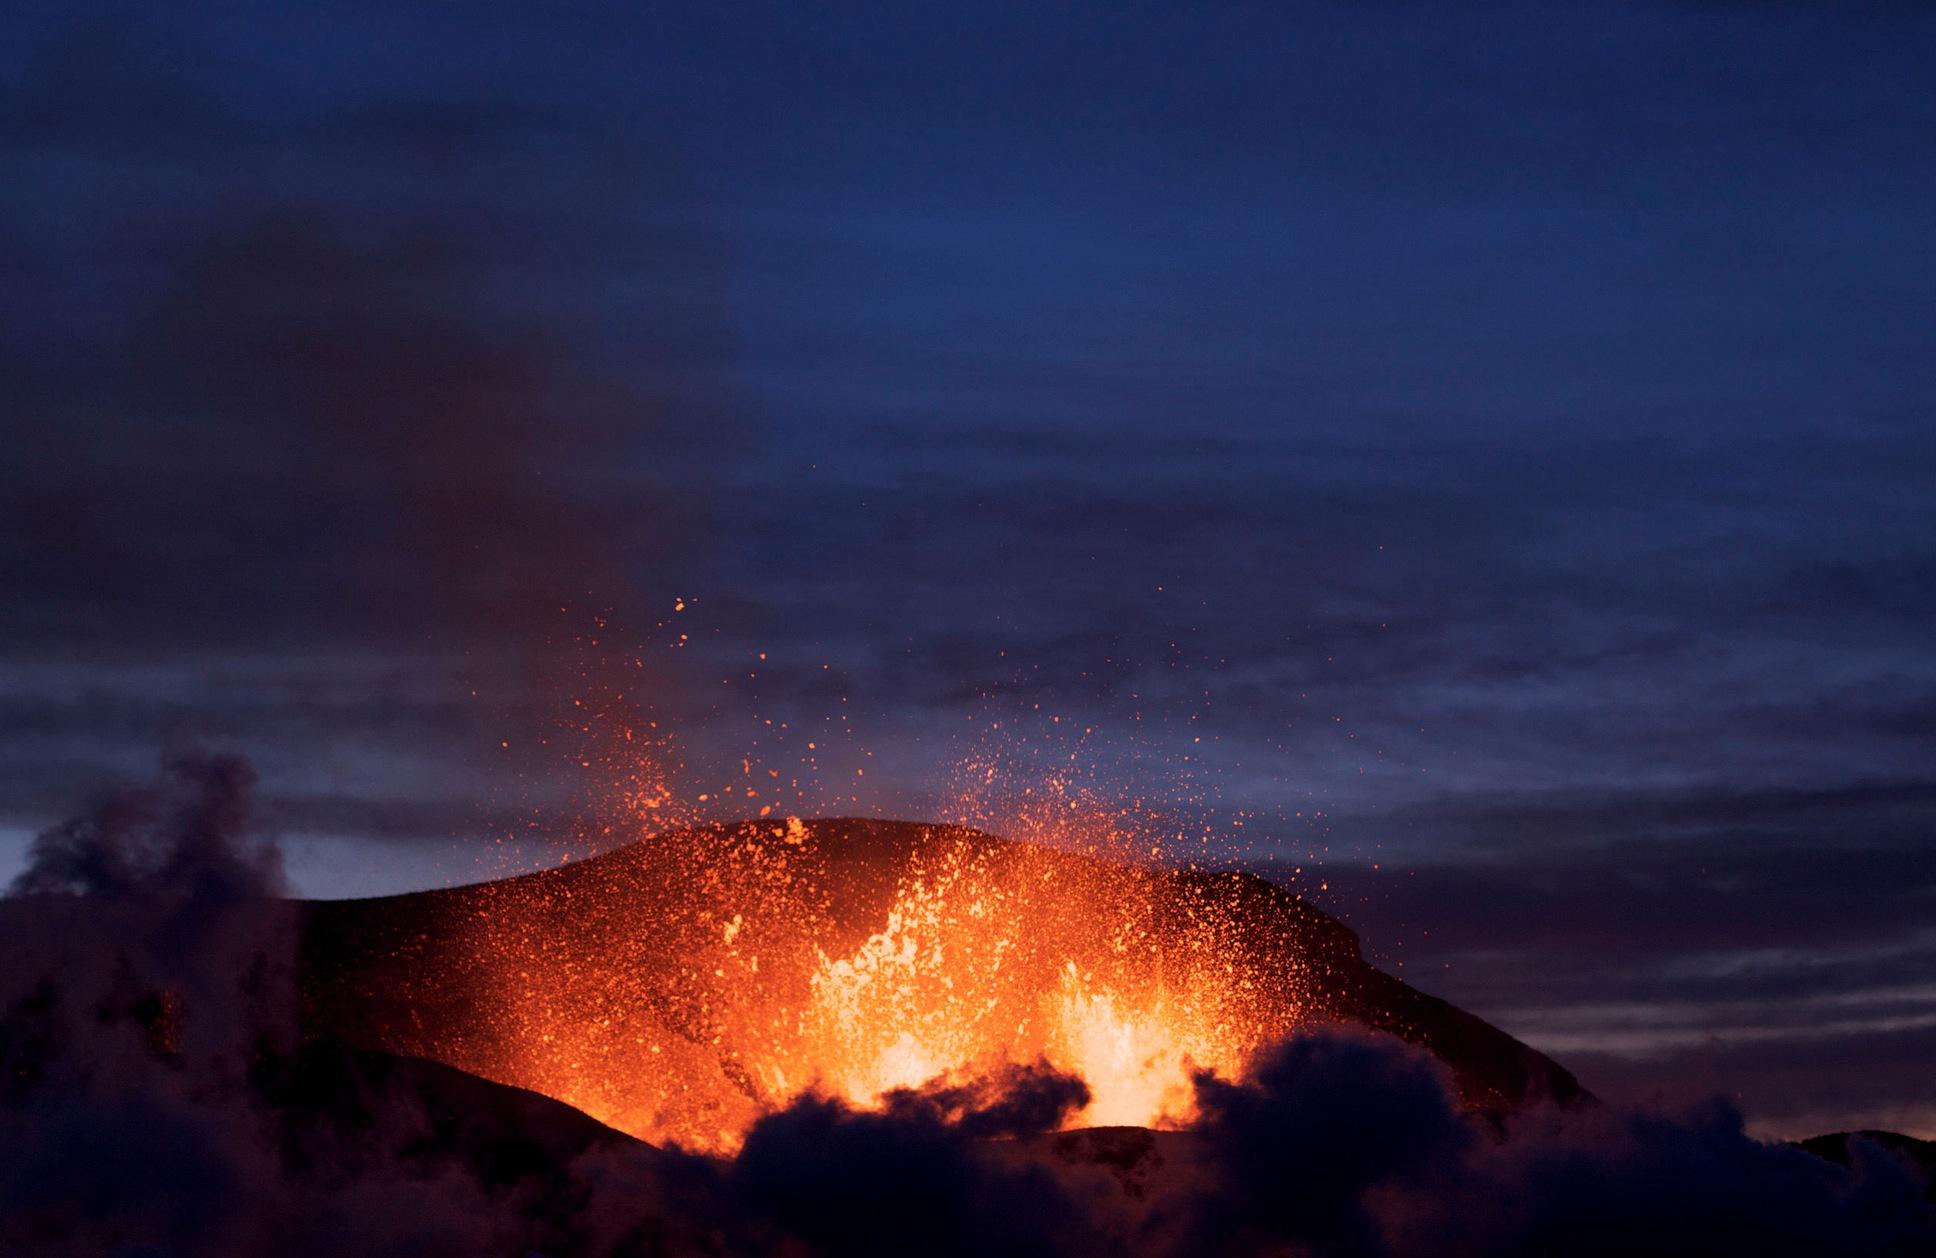 Eyjafjallajökull är bara en av många vulkaner runt om i världen som levererar mineralrik vulkansand till skönhetsprodukter. Bild från Wikipedia